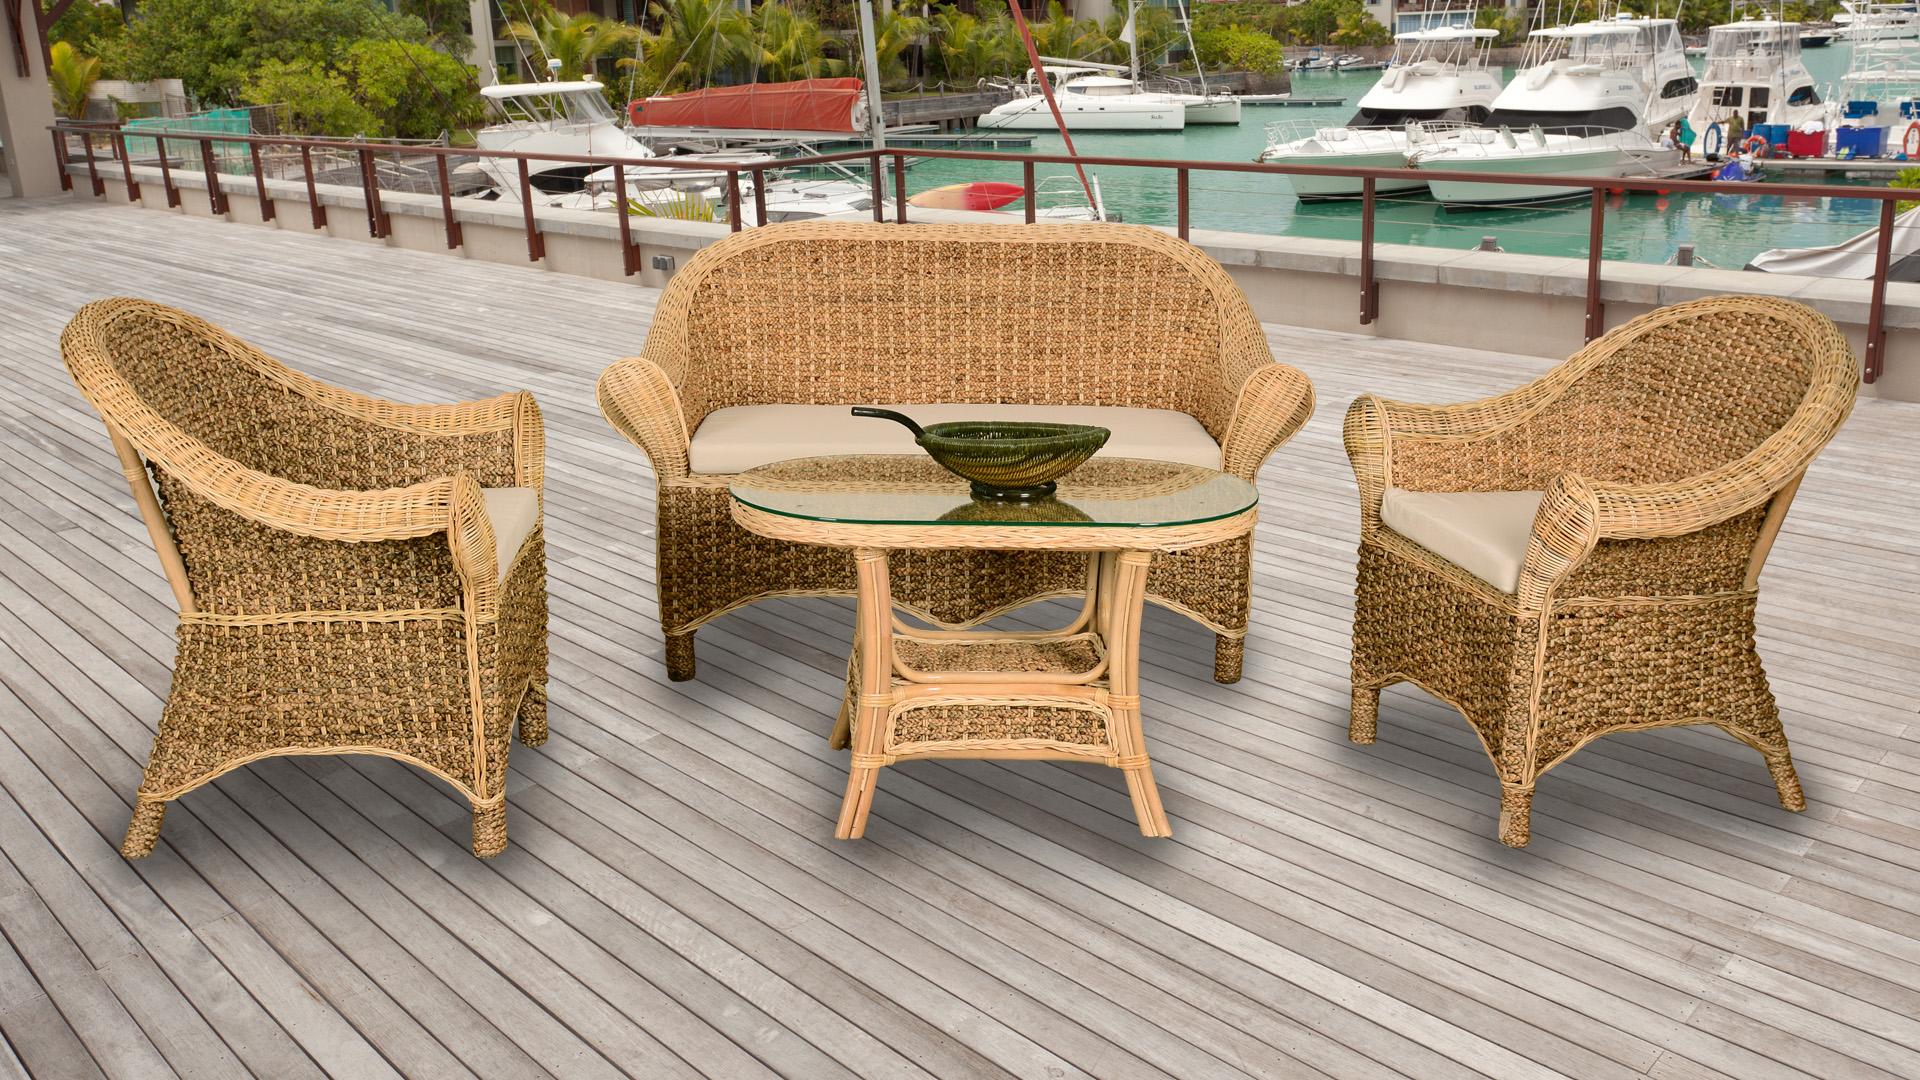 garden bambu | bambu mobilyalar, rattan mobilyalar, bahçe